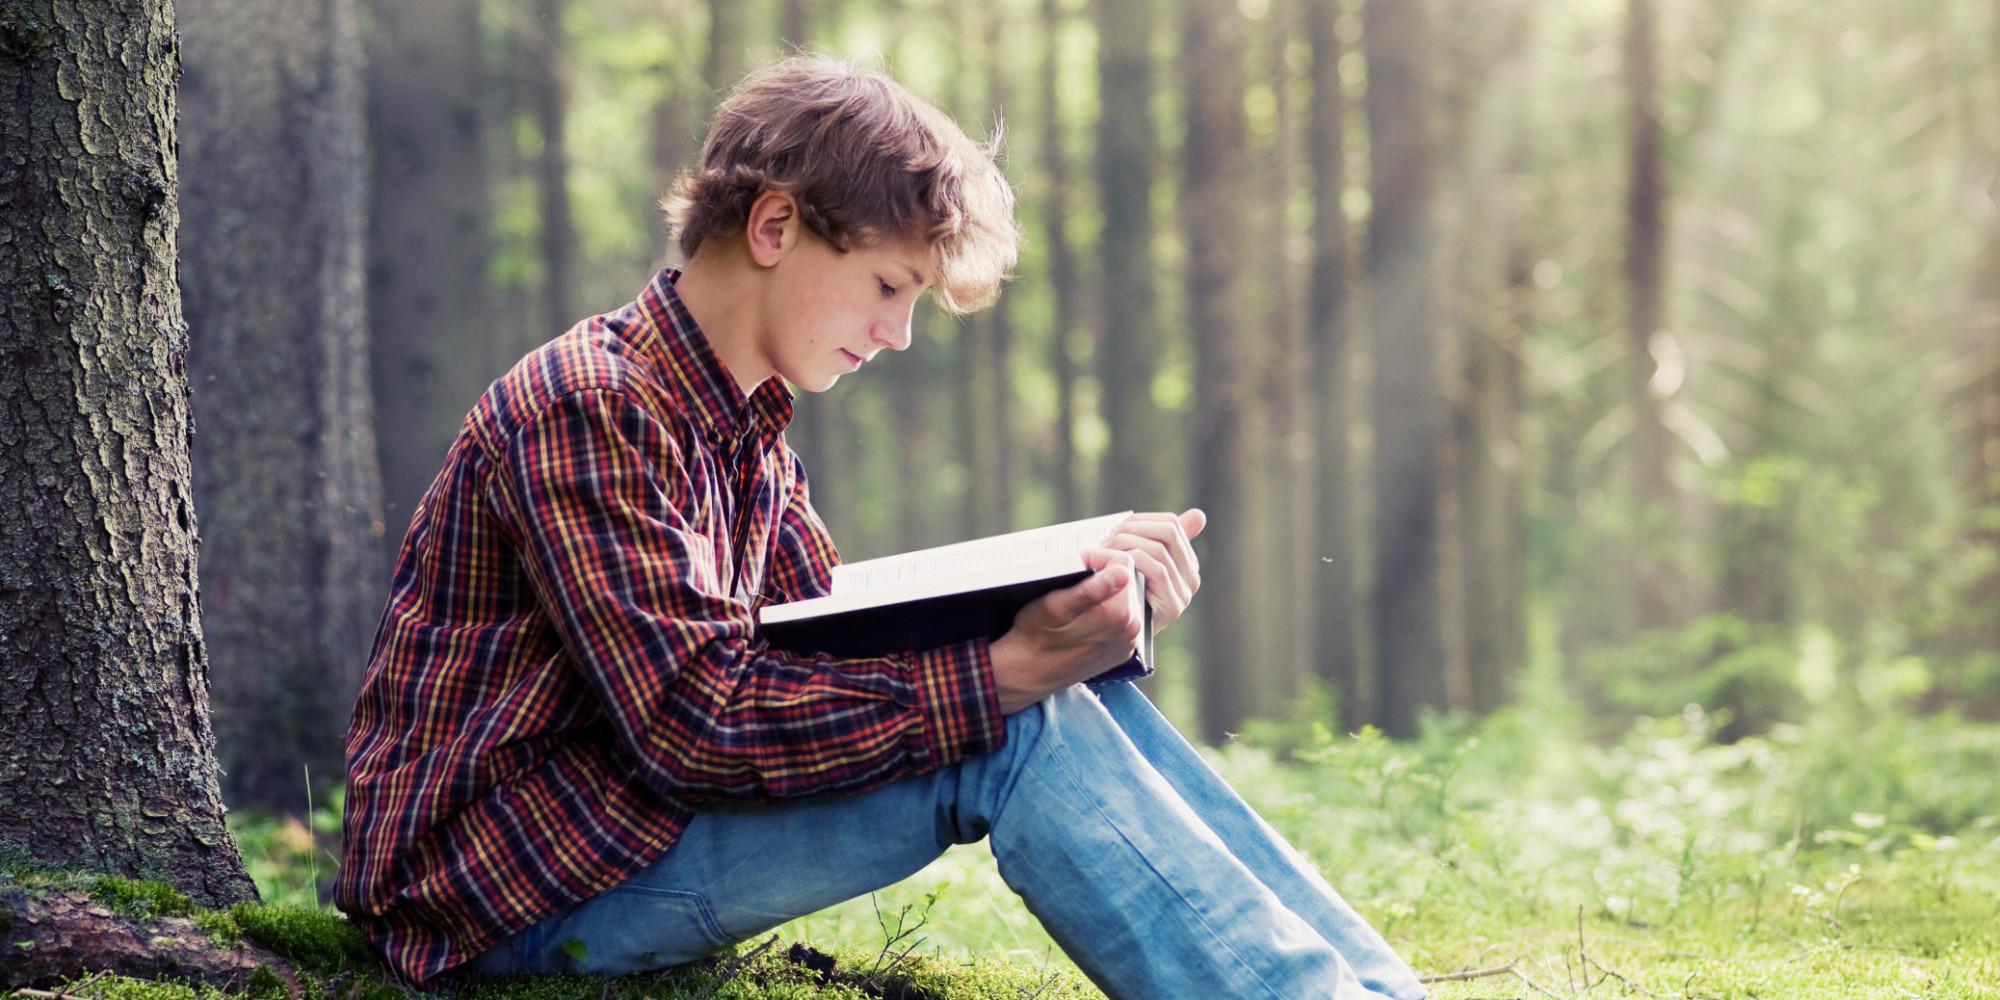 คนอังกฤษ 'พึ่งหนังสือ' คลายเหงา ช่วงล็อกดาวน์ นิยายคลาสสิก อาชญากรรม คนอ่านเยอะ